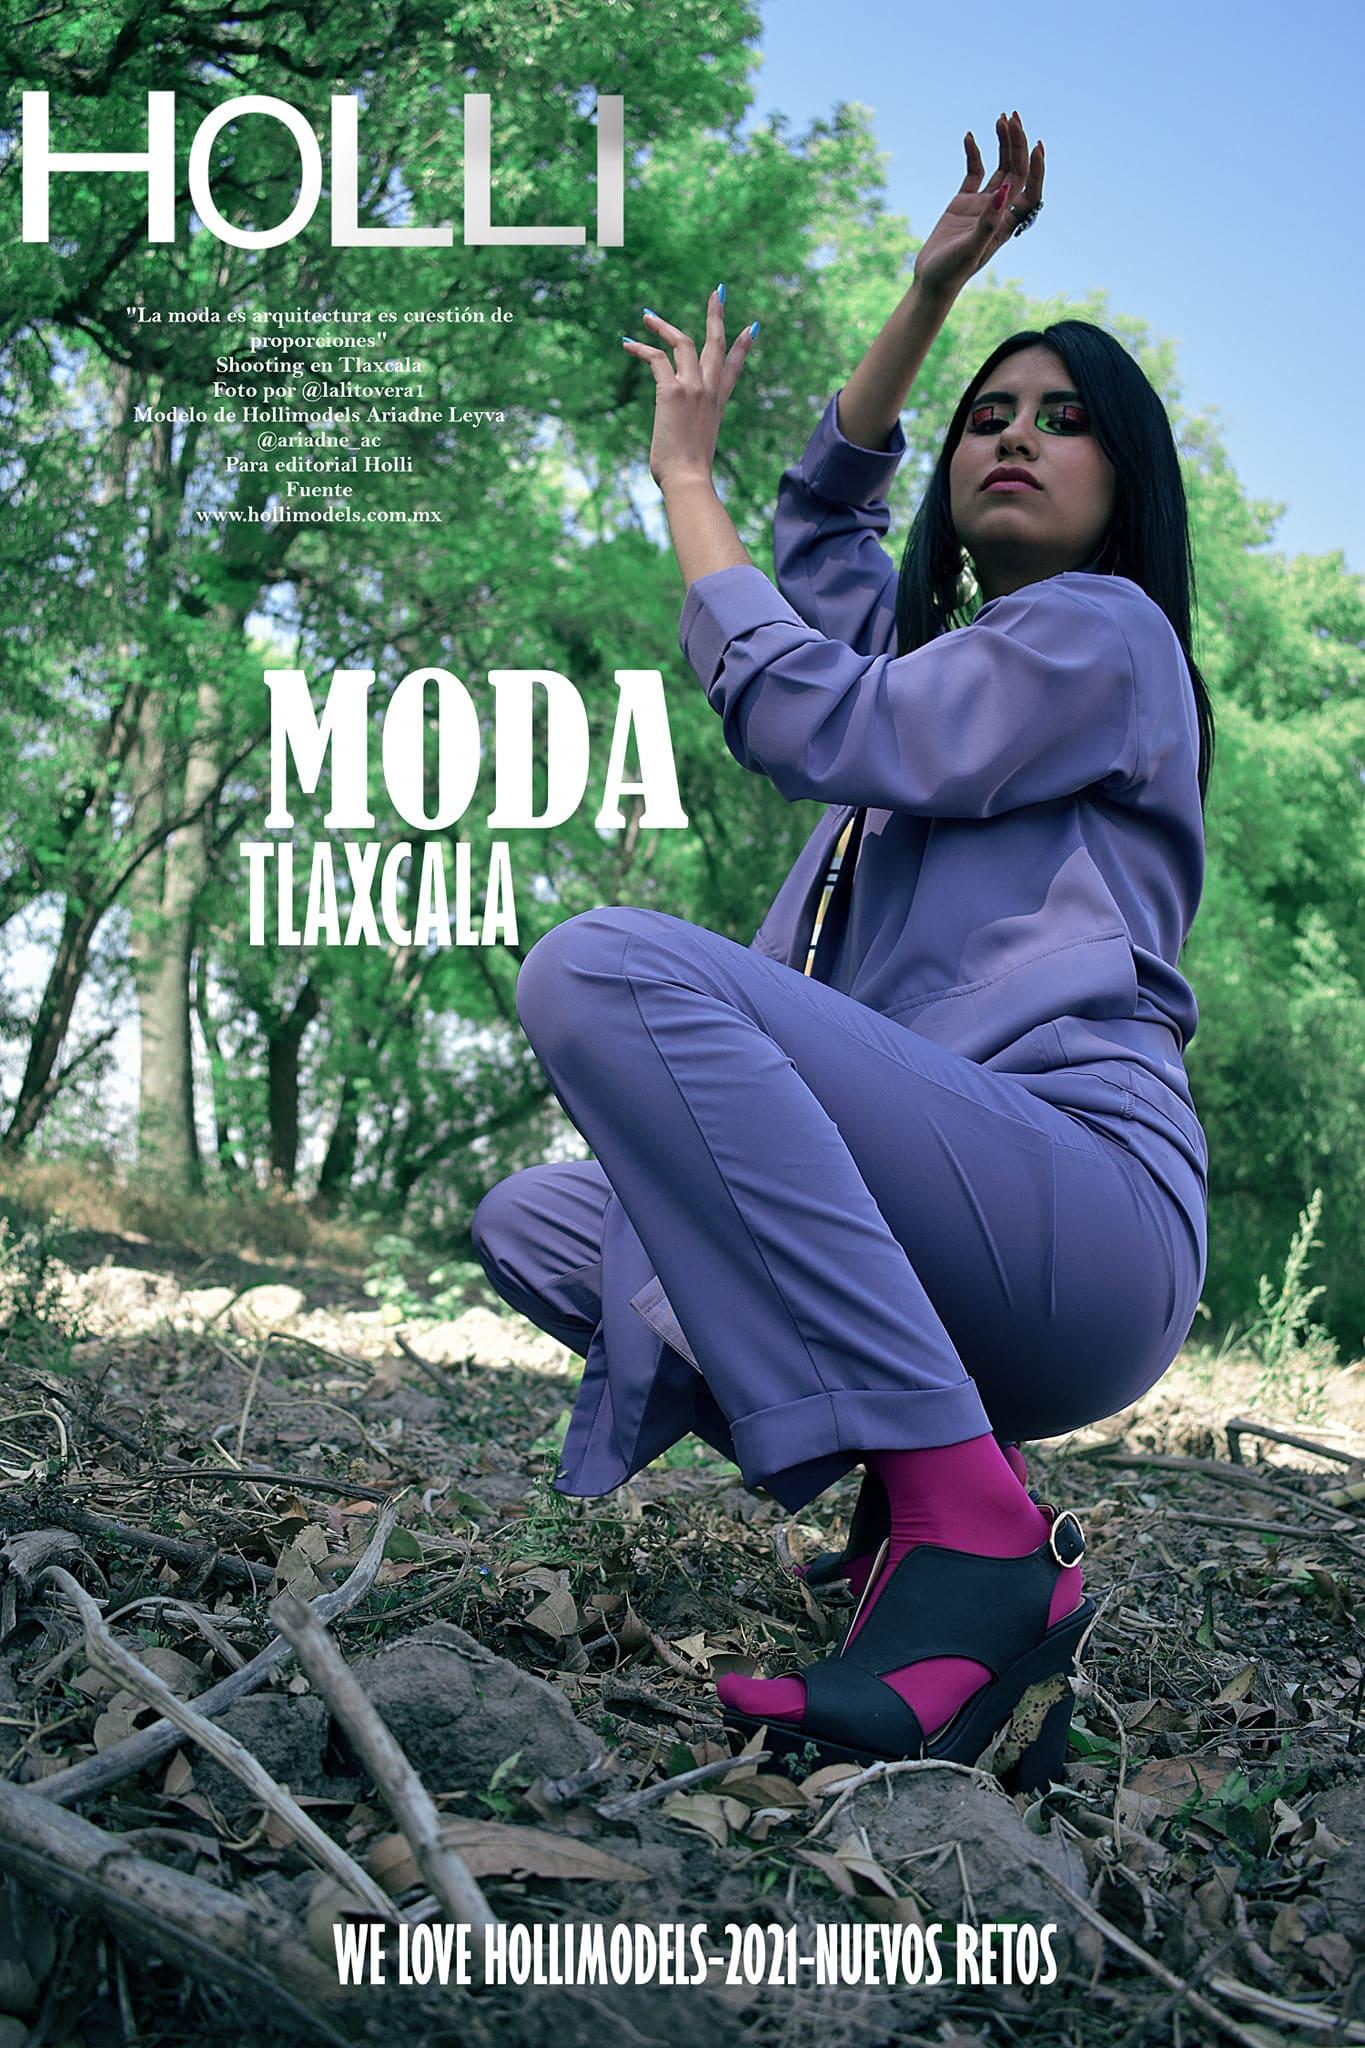 Modelo de Hollimodels Ariadne Leyva Tlaxcala 2021